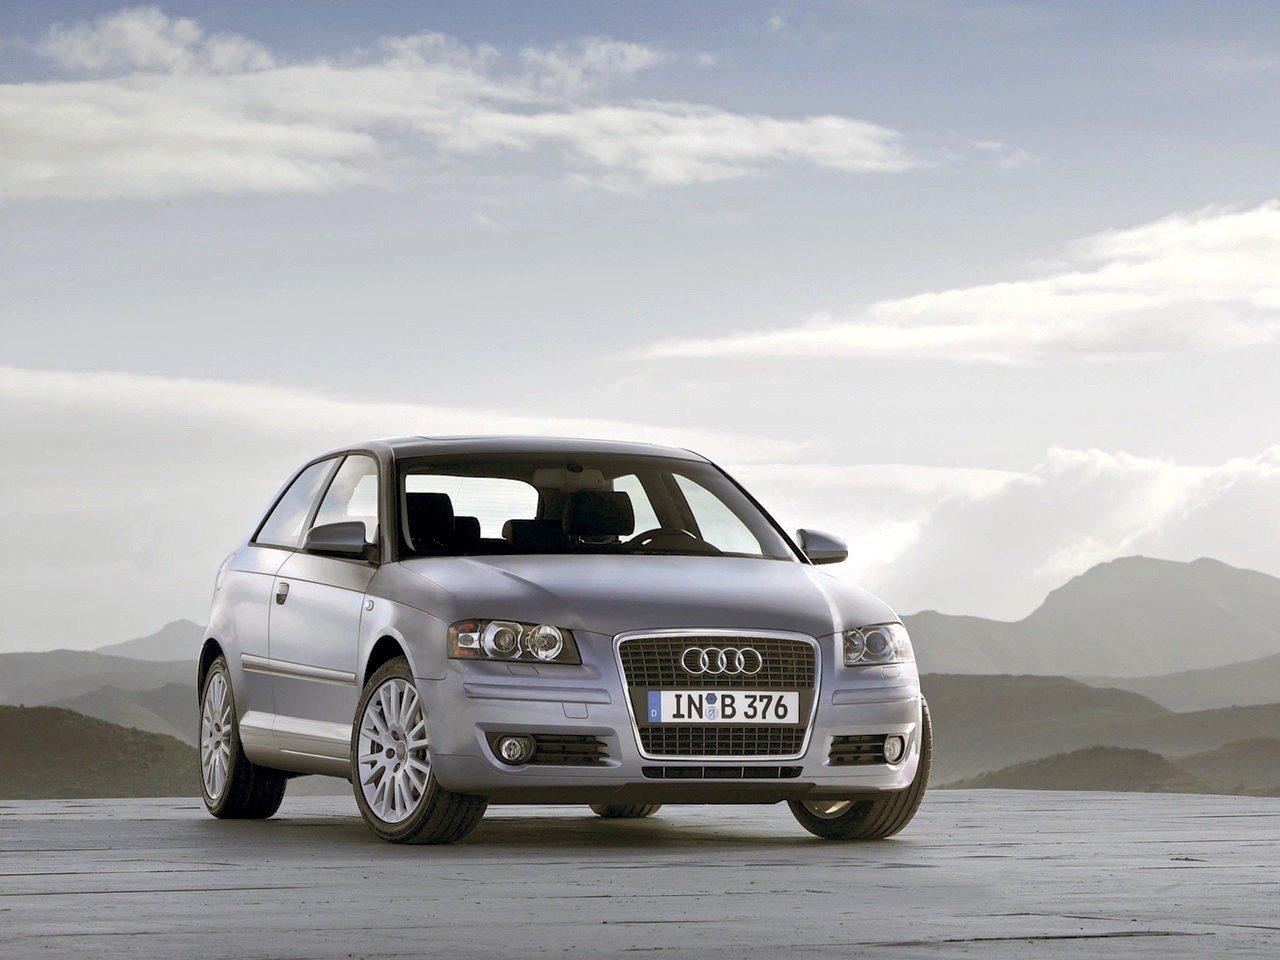 Audi A3 2.0TDI EDC16U 03G906016BQ 9971 1037399895